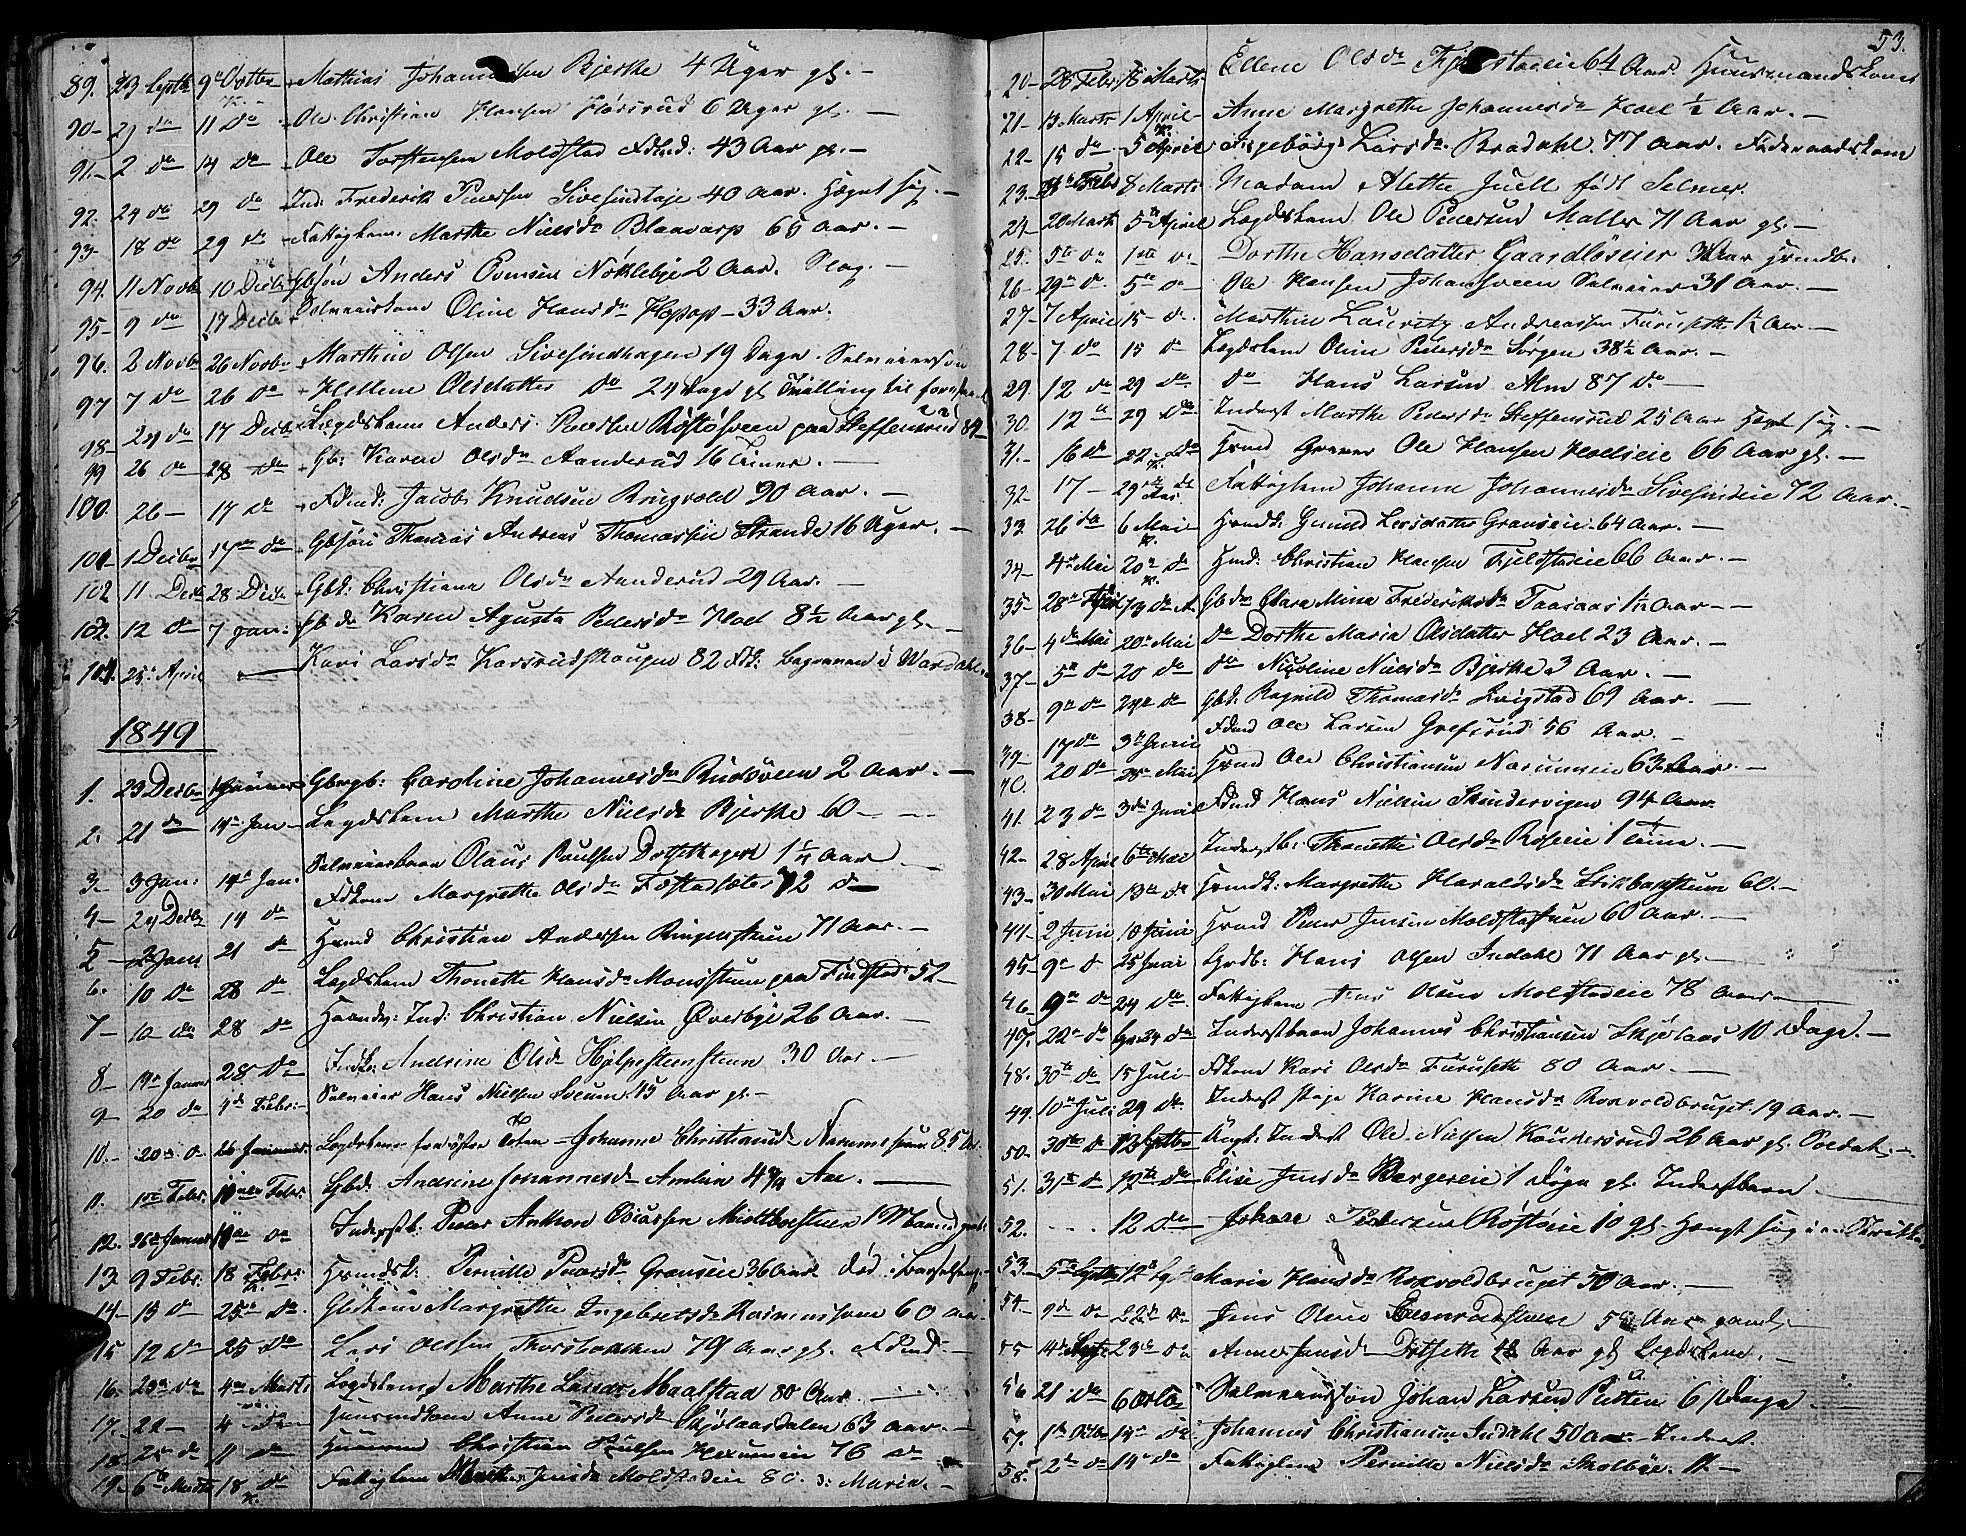 SAH, Vestre Toten prestekontor, H/Ha/Hab/L0003: Klokkerbok nr. 3, 1846-1854, s. 53